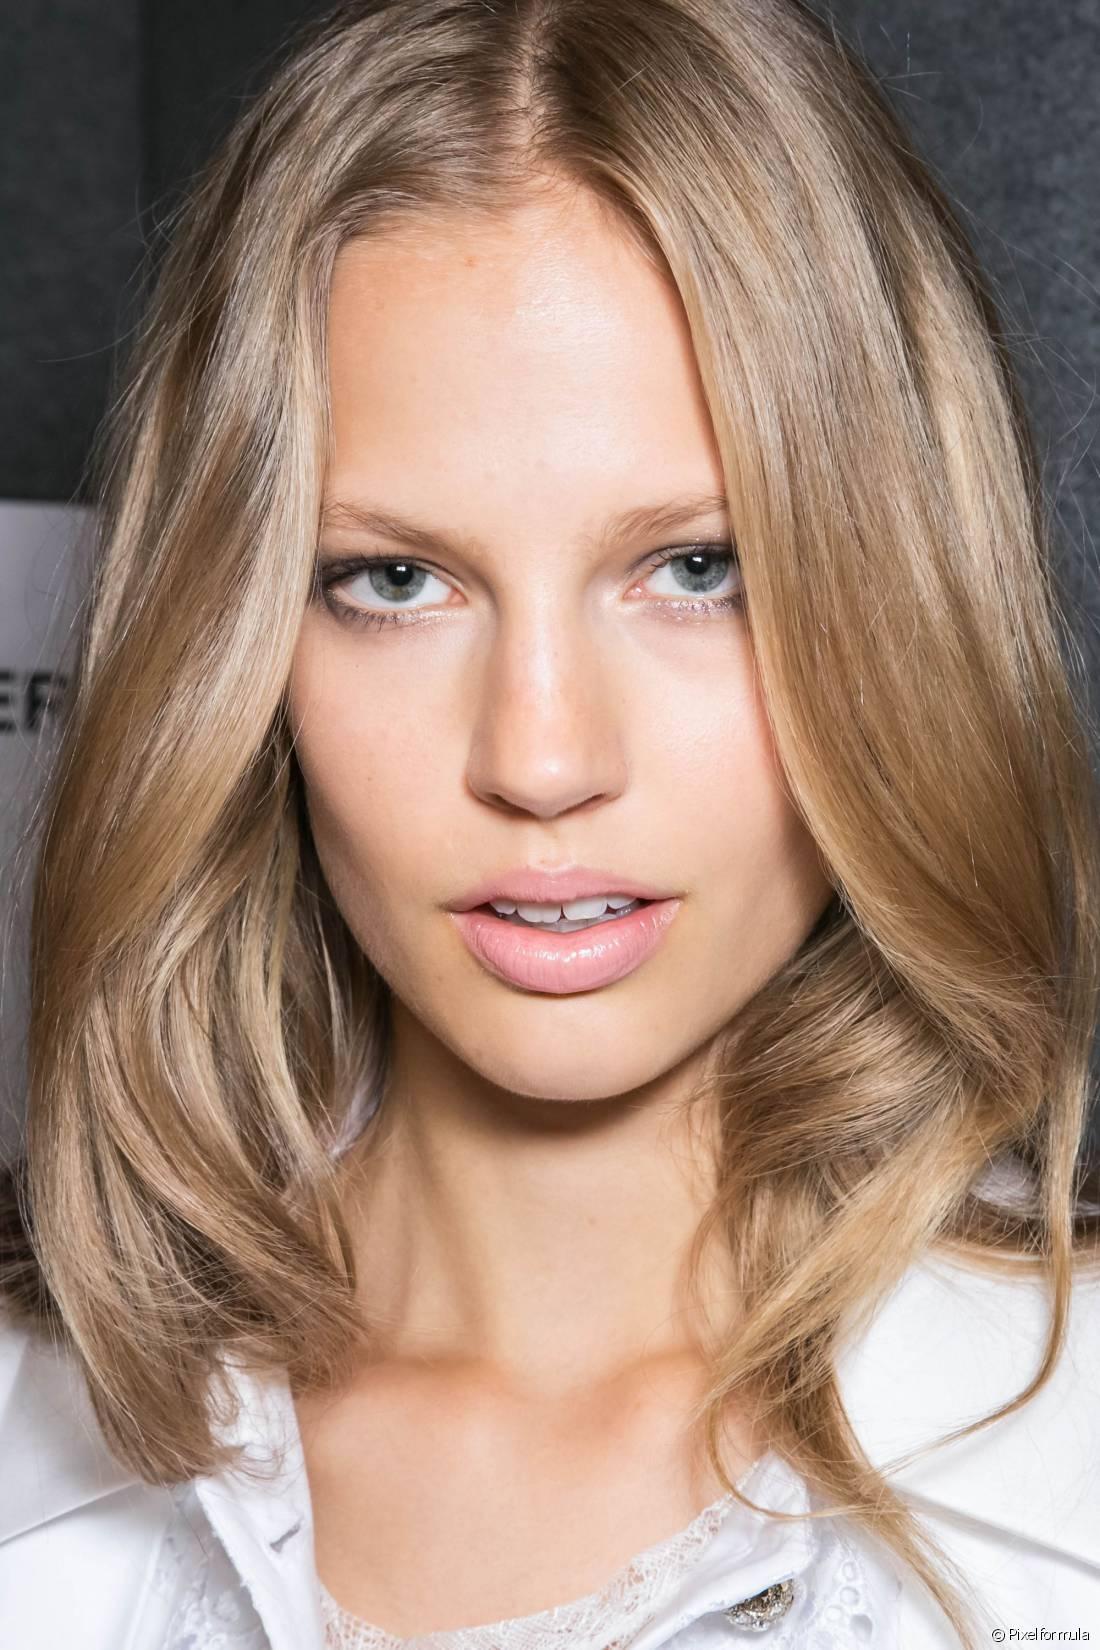 Quando decidimos colorir o cabelo de loiro sempre vem a preocupação de como os fios vão ficar depois do novo visual